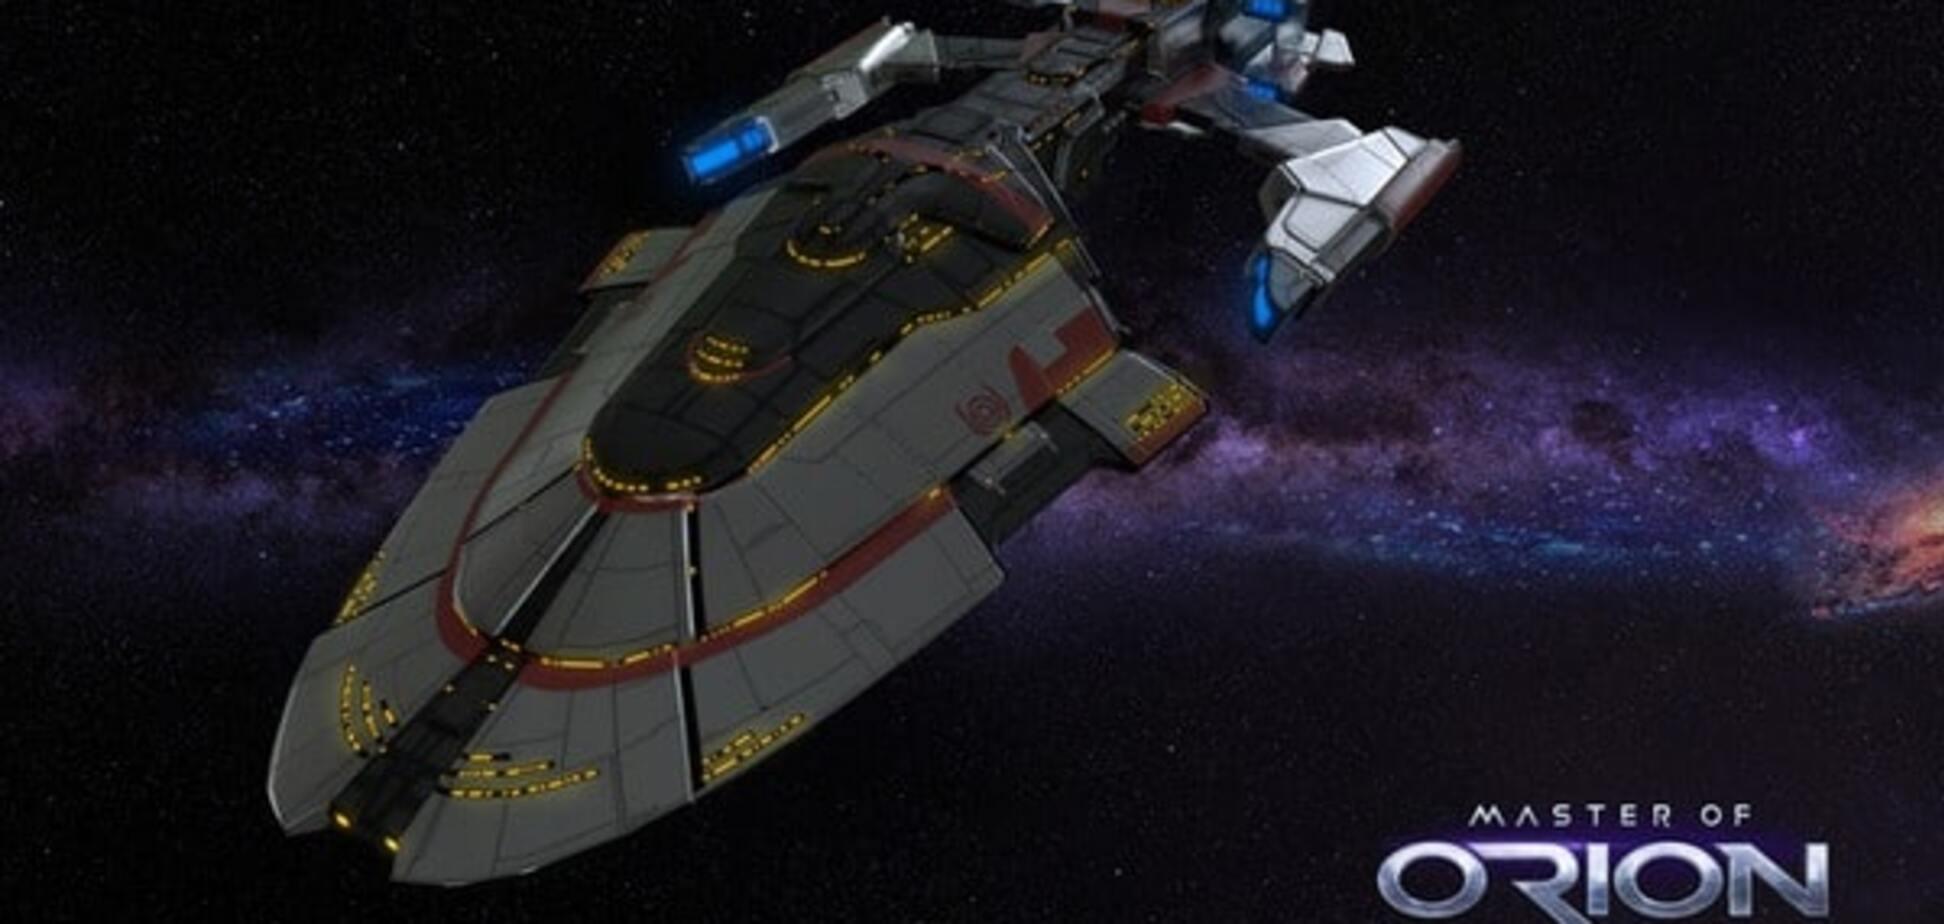 Релиз Master of Orion пройдет 25 августа